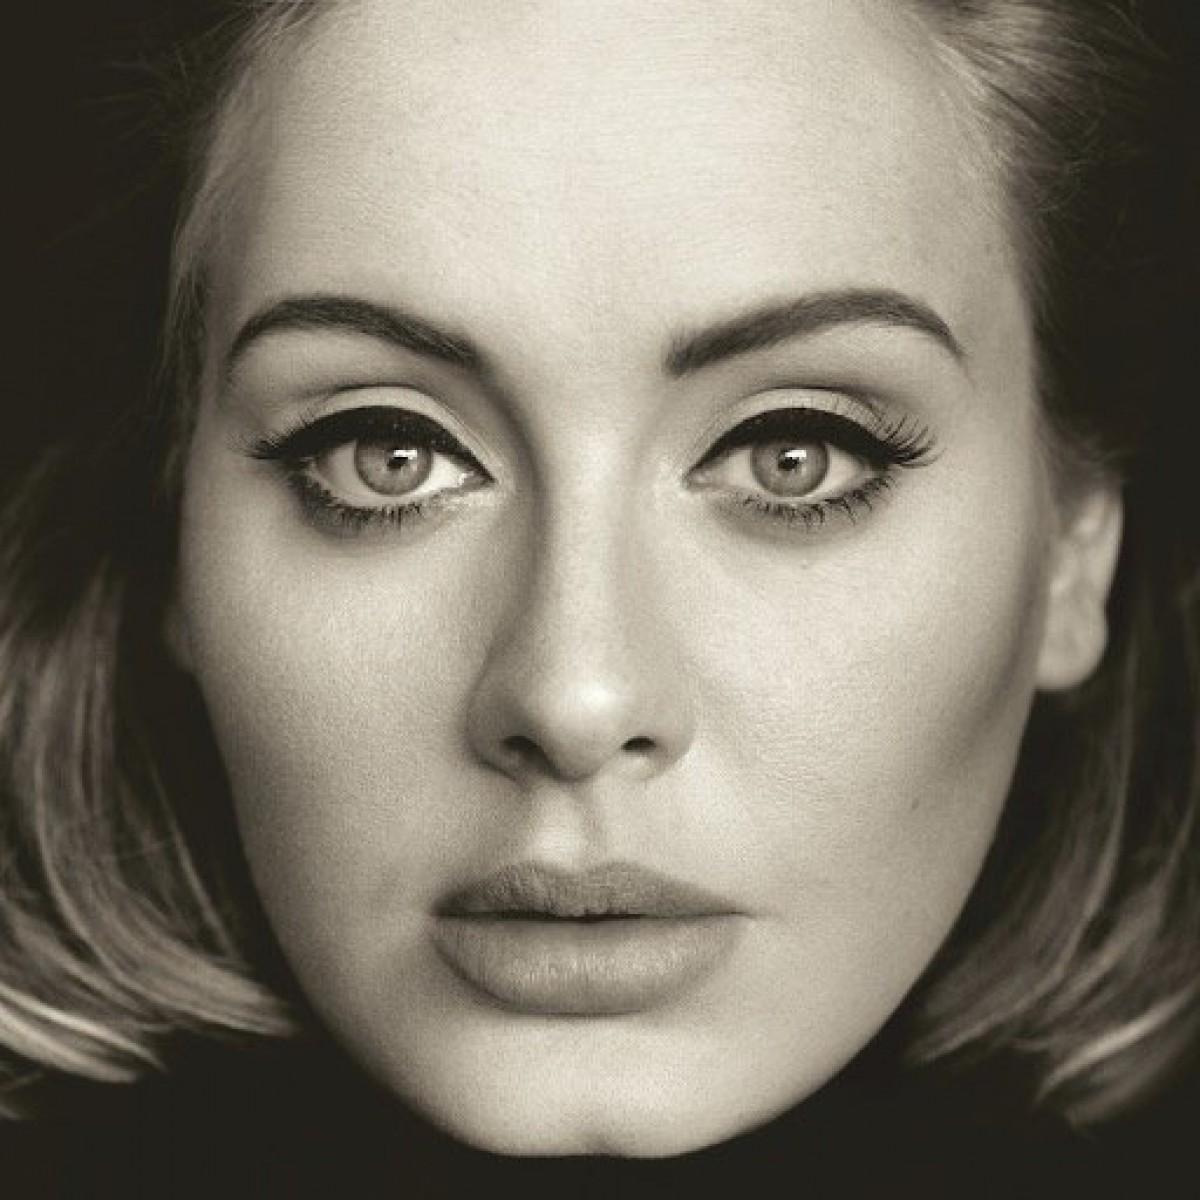 La foto de Adele con una extraña ilusión óptica